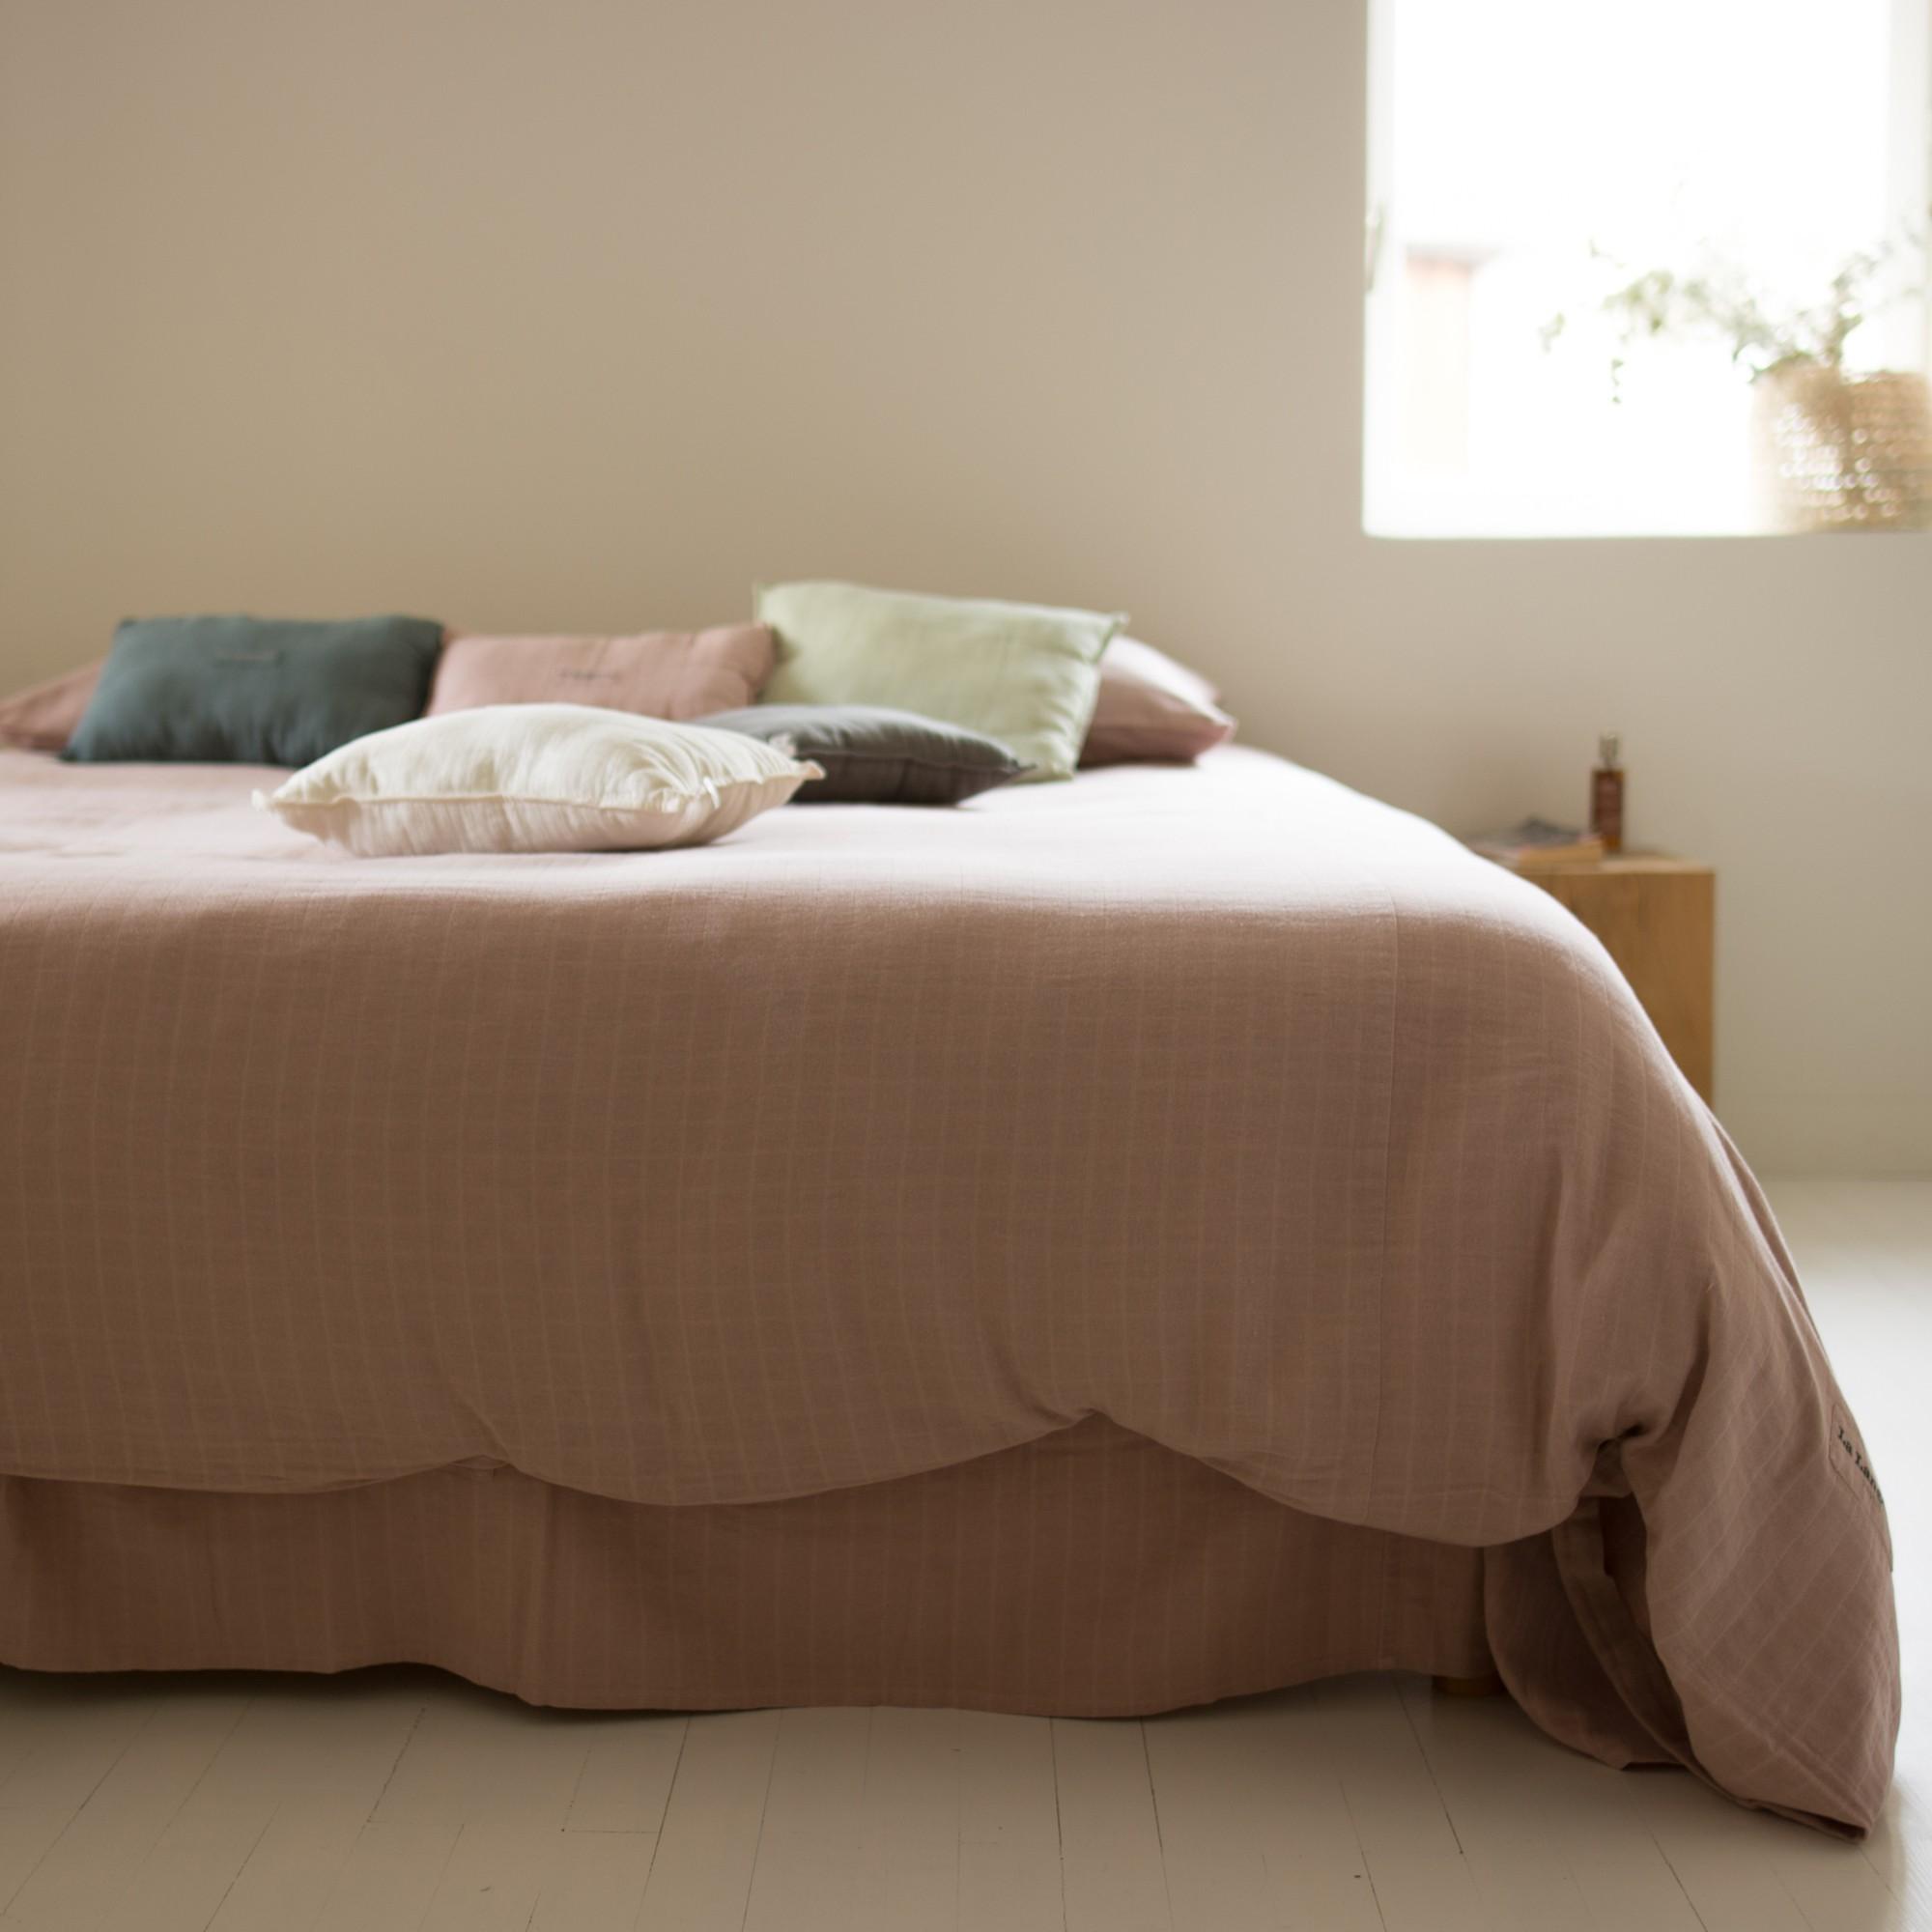 enveloppe de couette good h je positionne une autre housse lenvers sur les tissus pour men. Black Bedroom Furniture Sets. Home Design Ideas